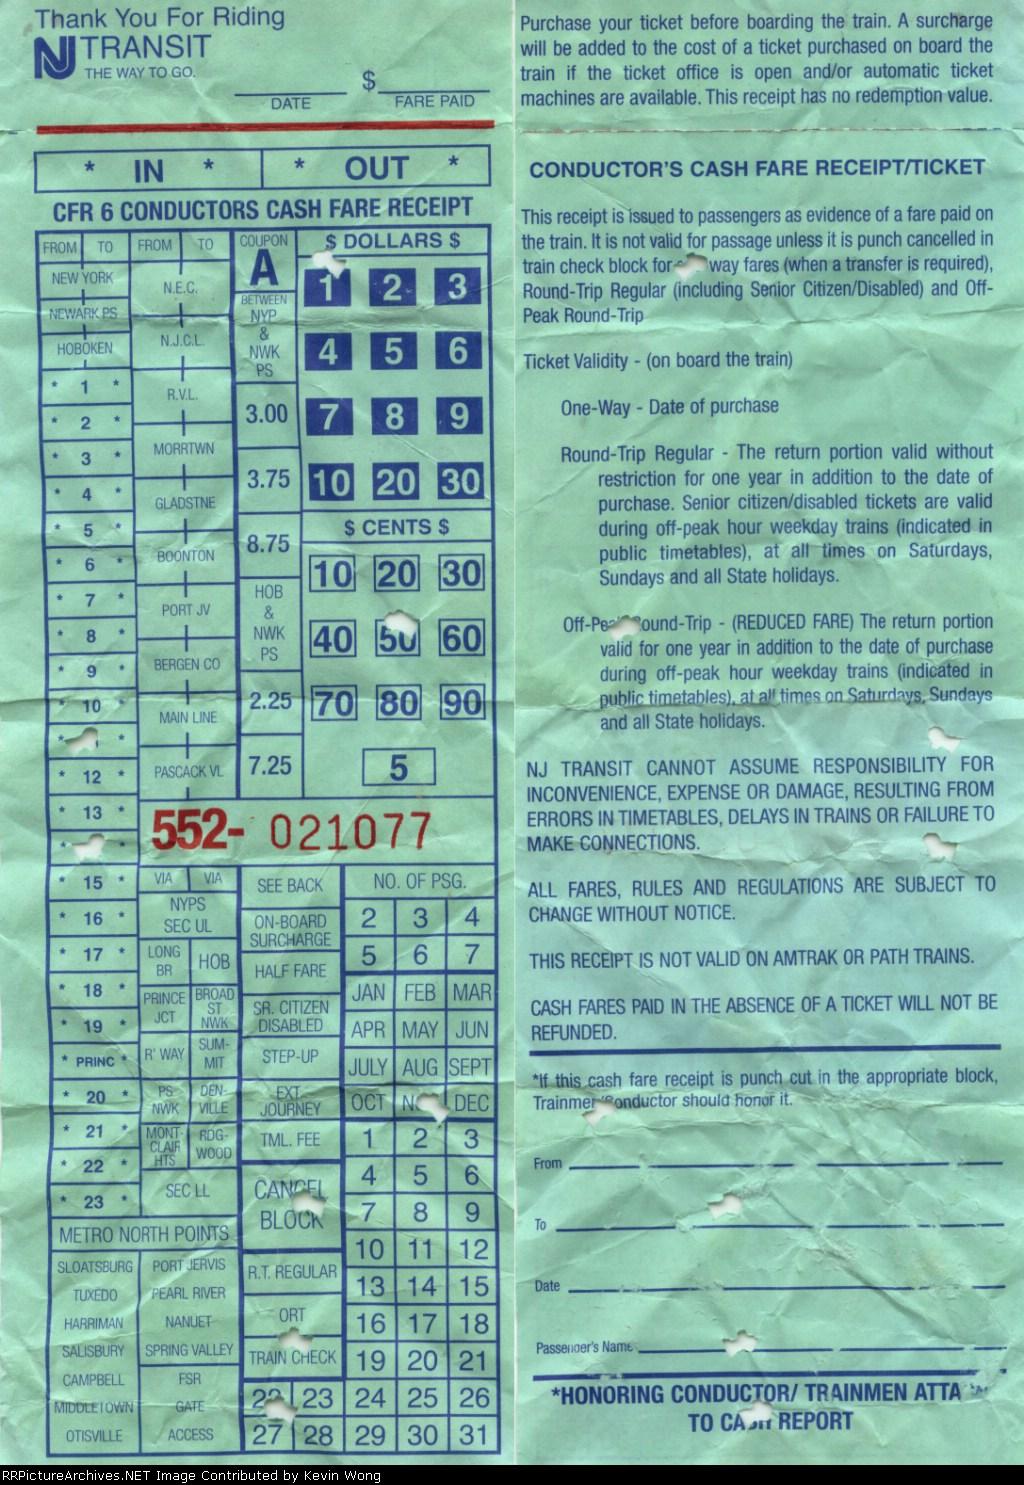 Cash fare receipt